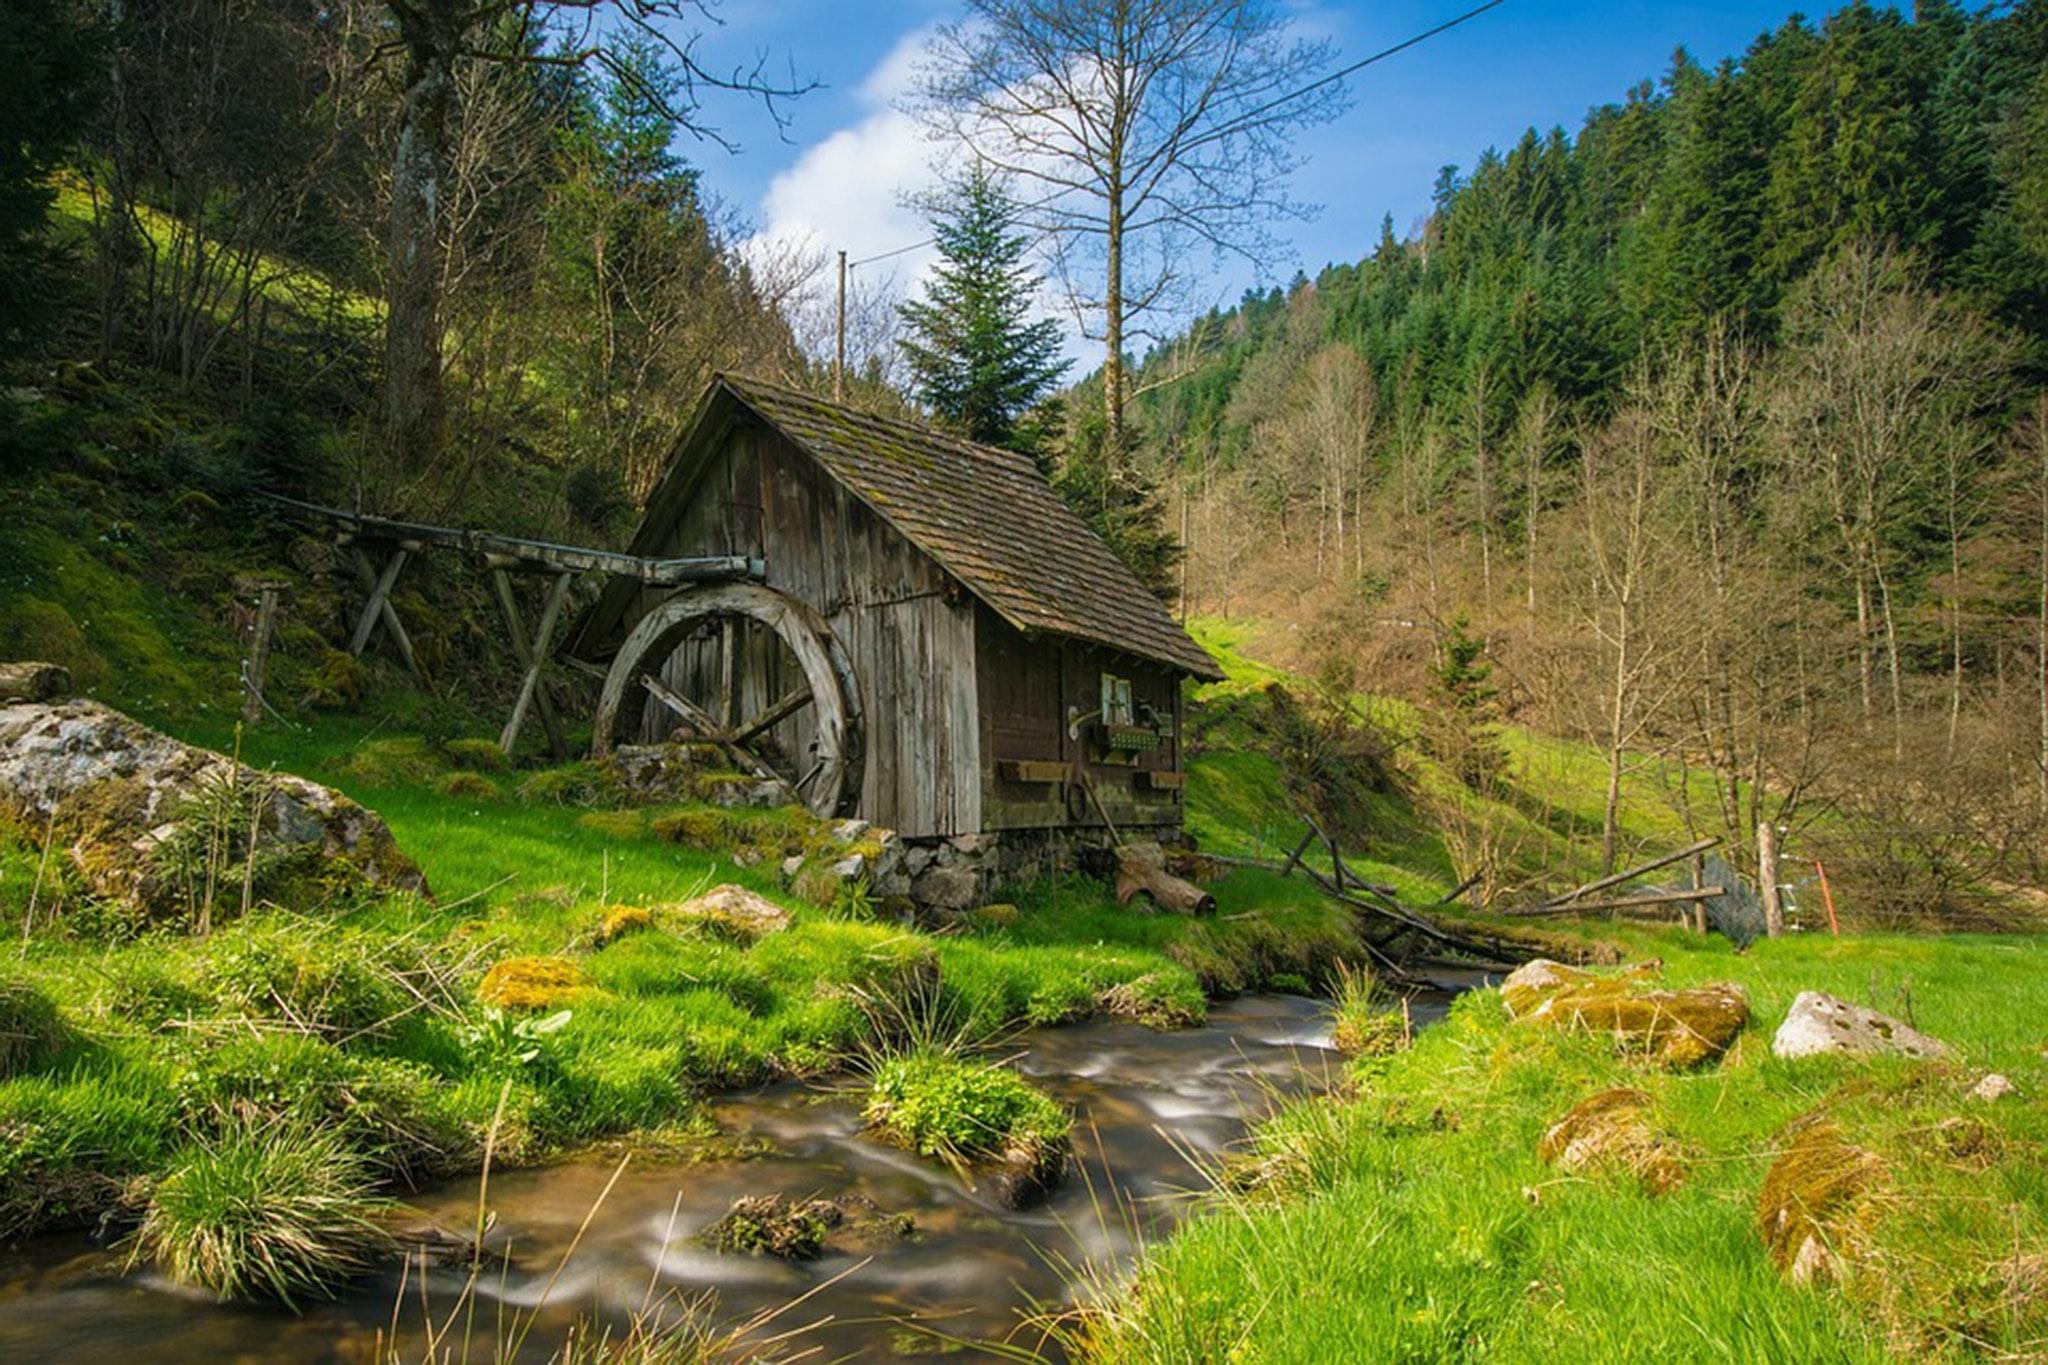 black forest national park germany